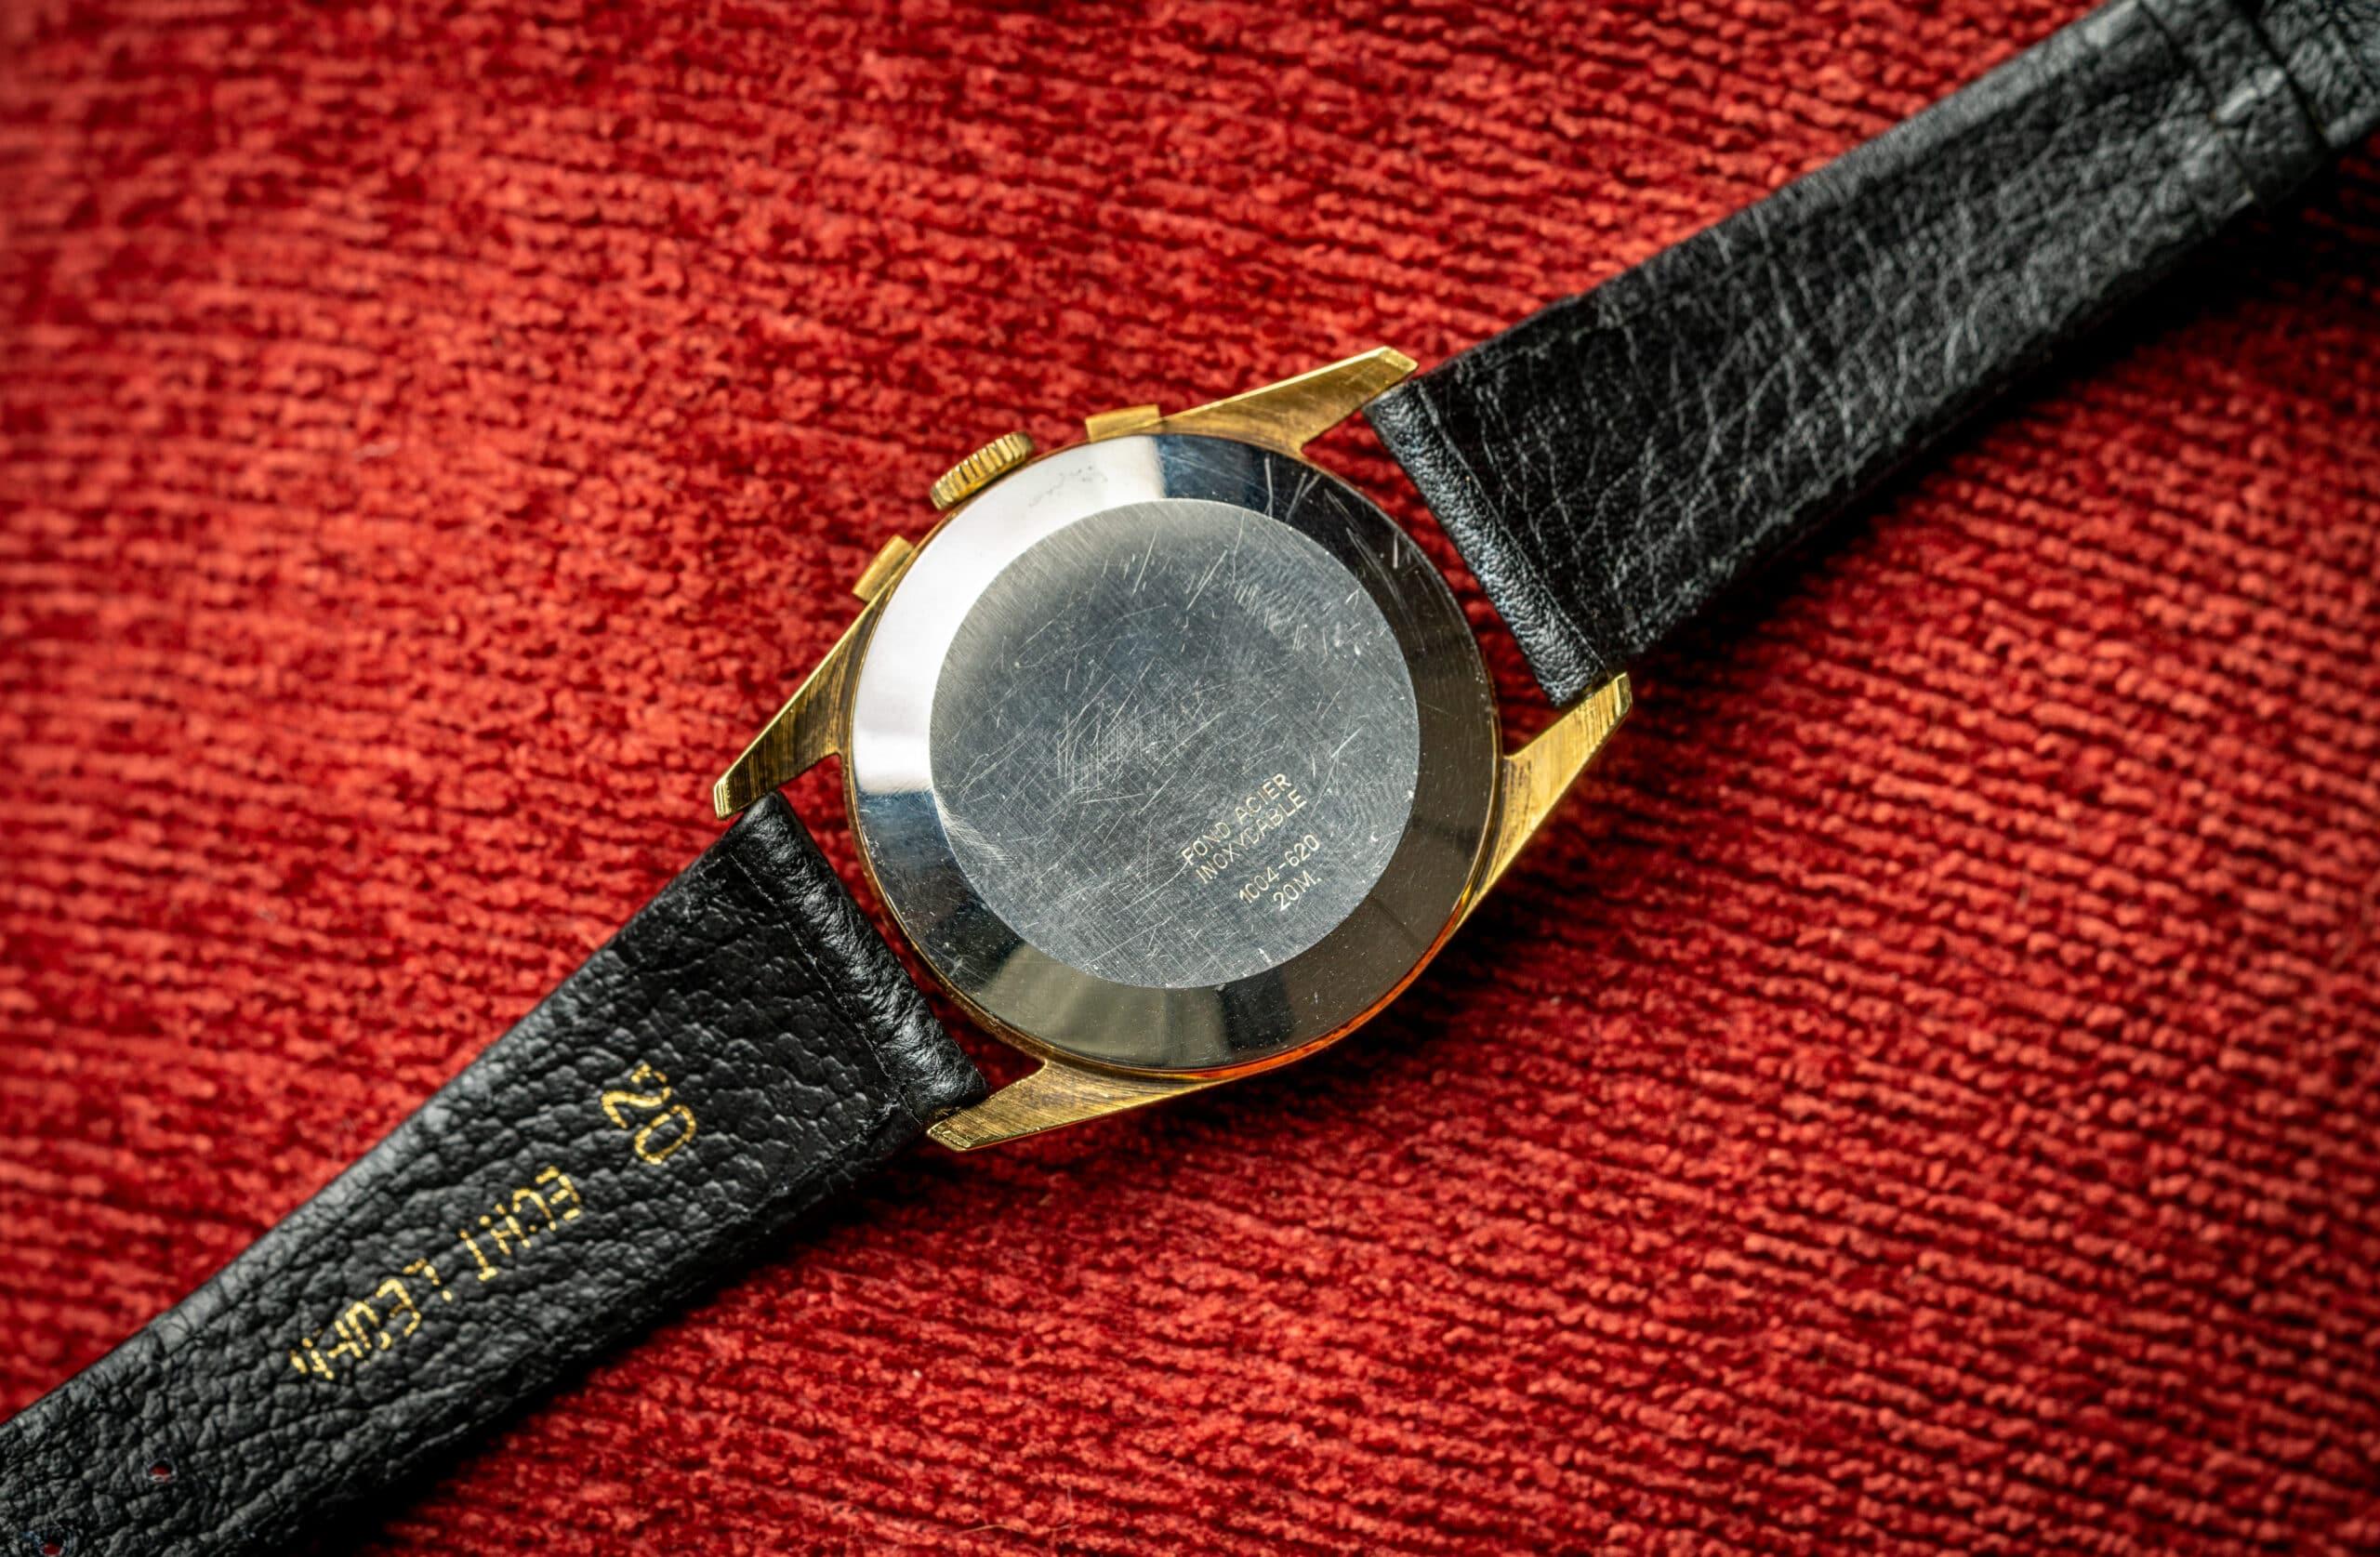 Plymouth chronograaf zwarte wijzerplaat gold cap